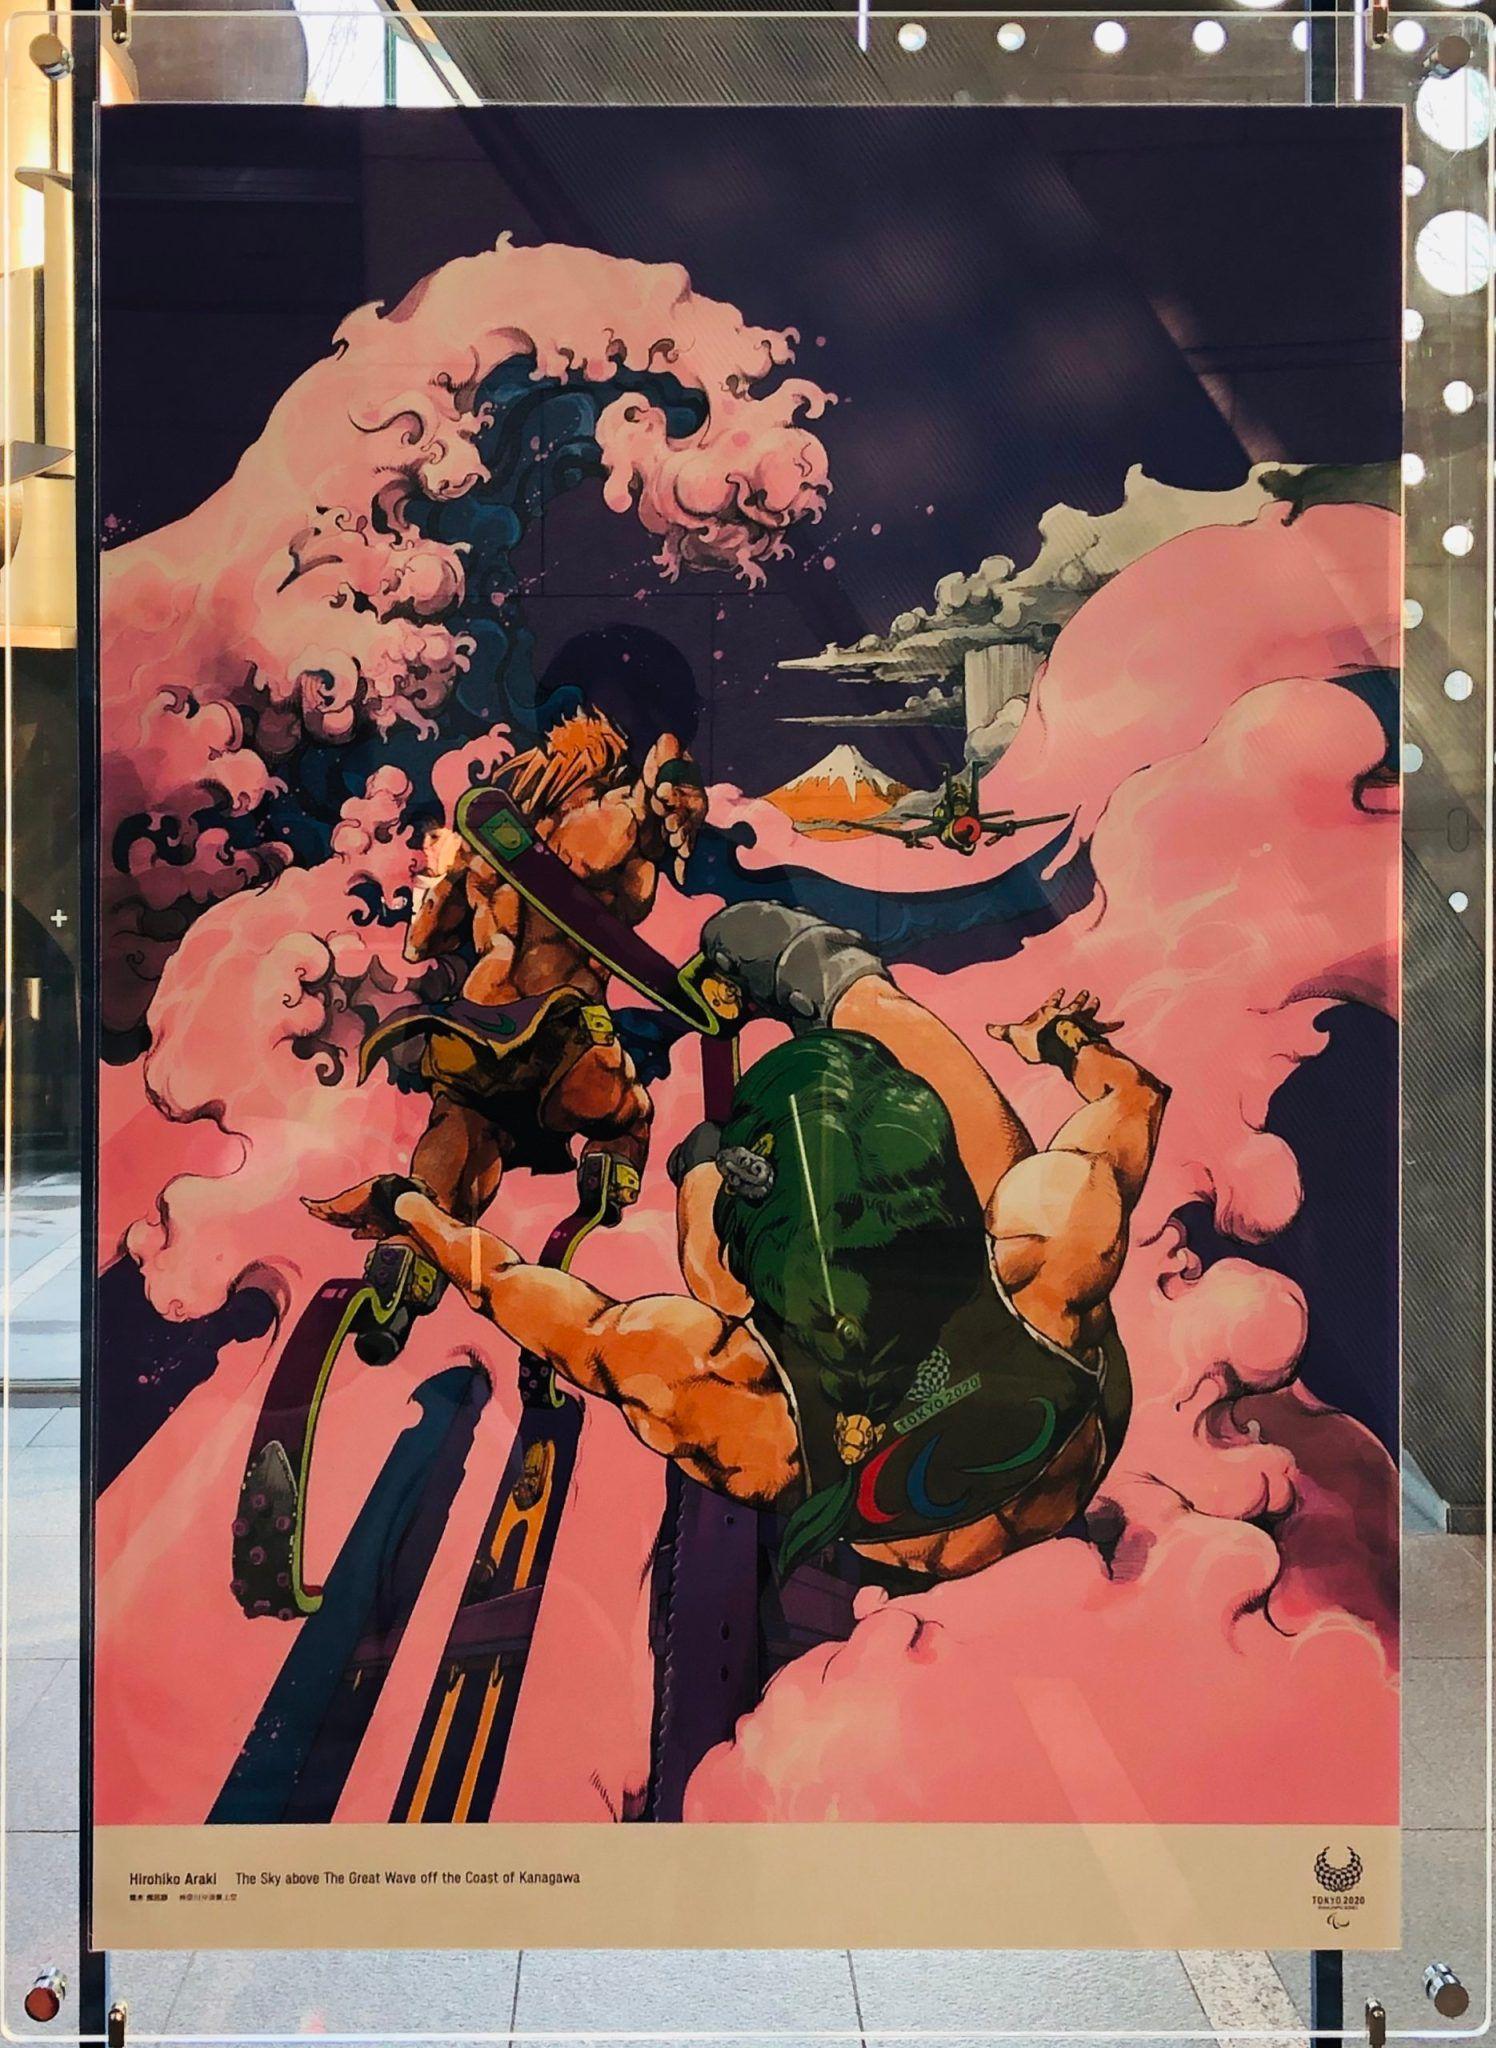 2020東京オリンピック パラリンピック 公式アートポスターがかっこ良すぎる 浦沢直樹やジョジョの作家も参加 Kuroko Blog アートポスター パラリンピック ポスター ポスター